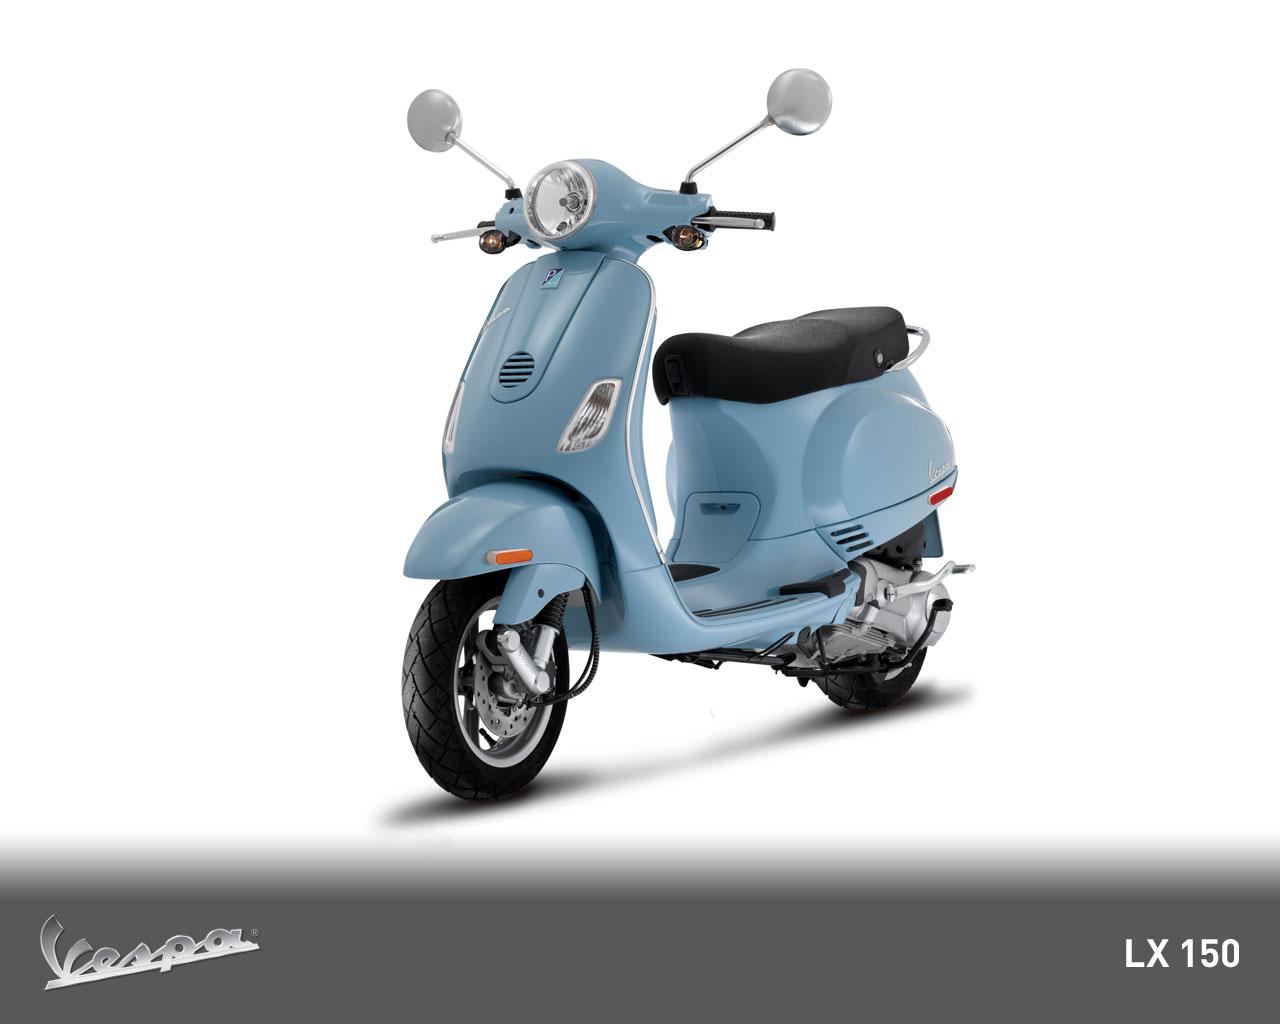 BATTERIA YUASA ... Guaglione Motors